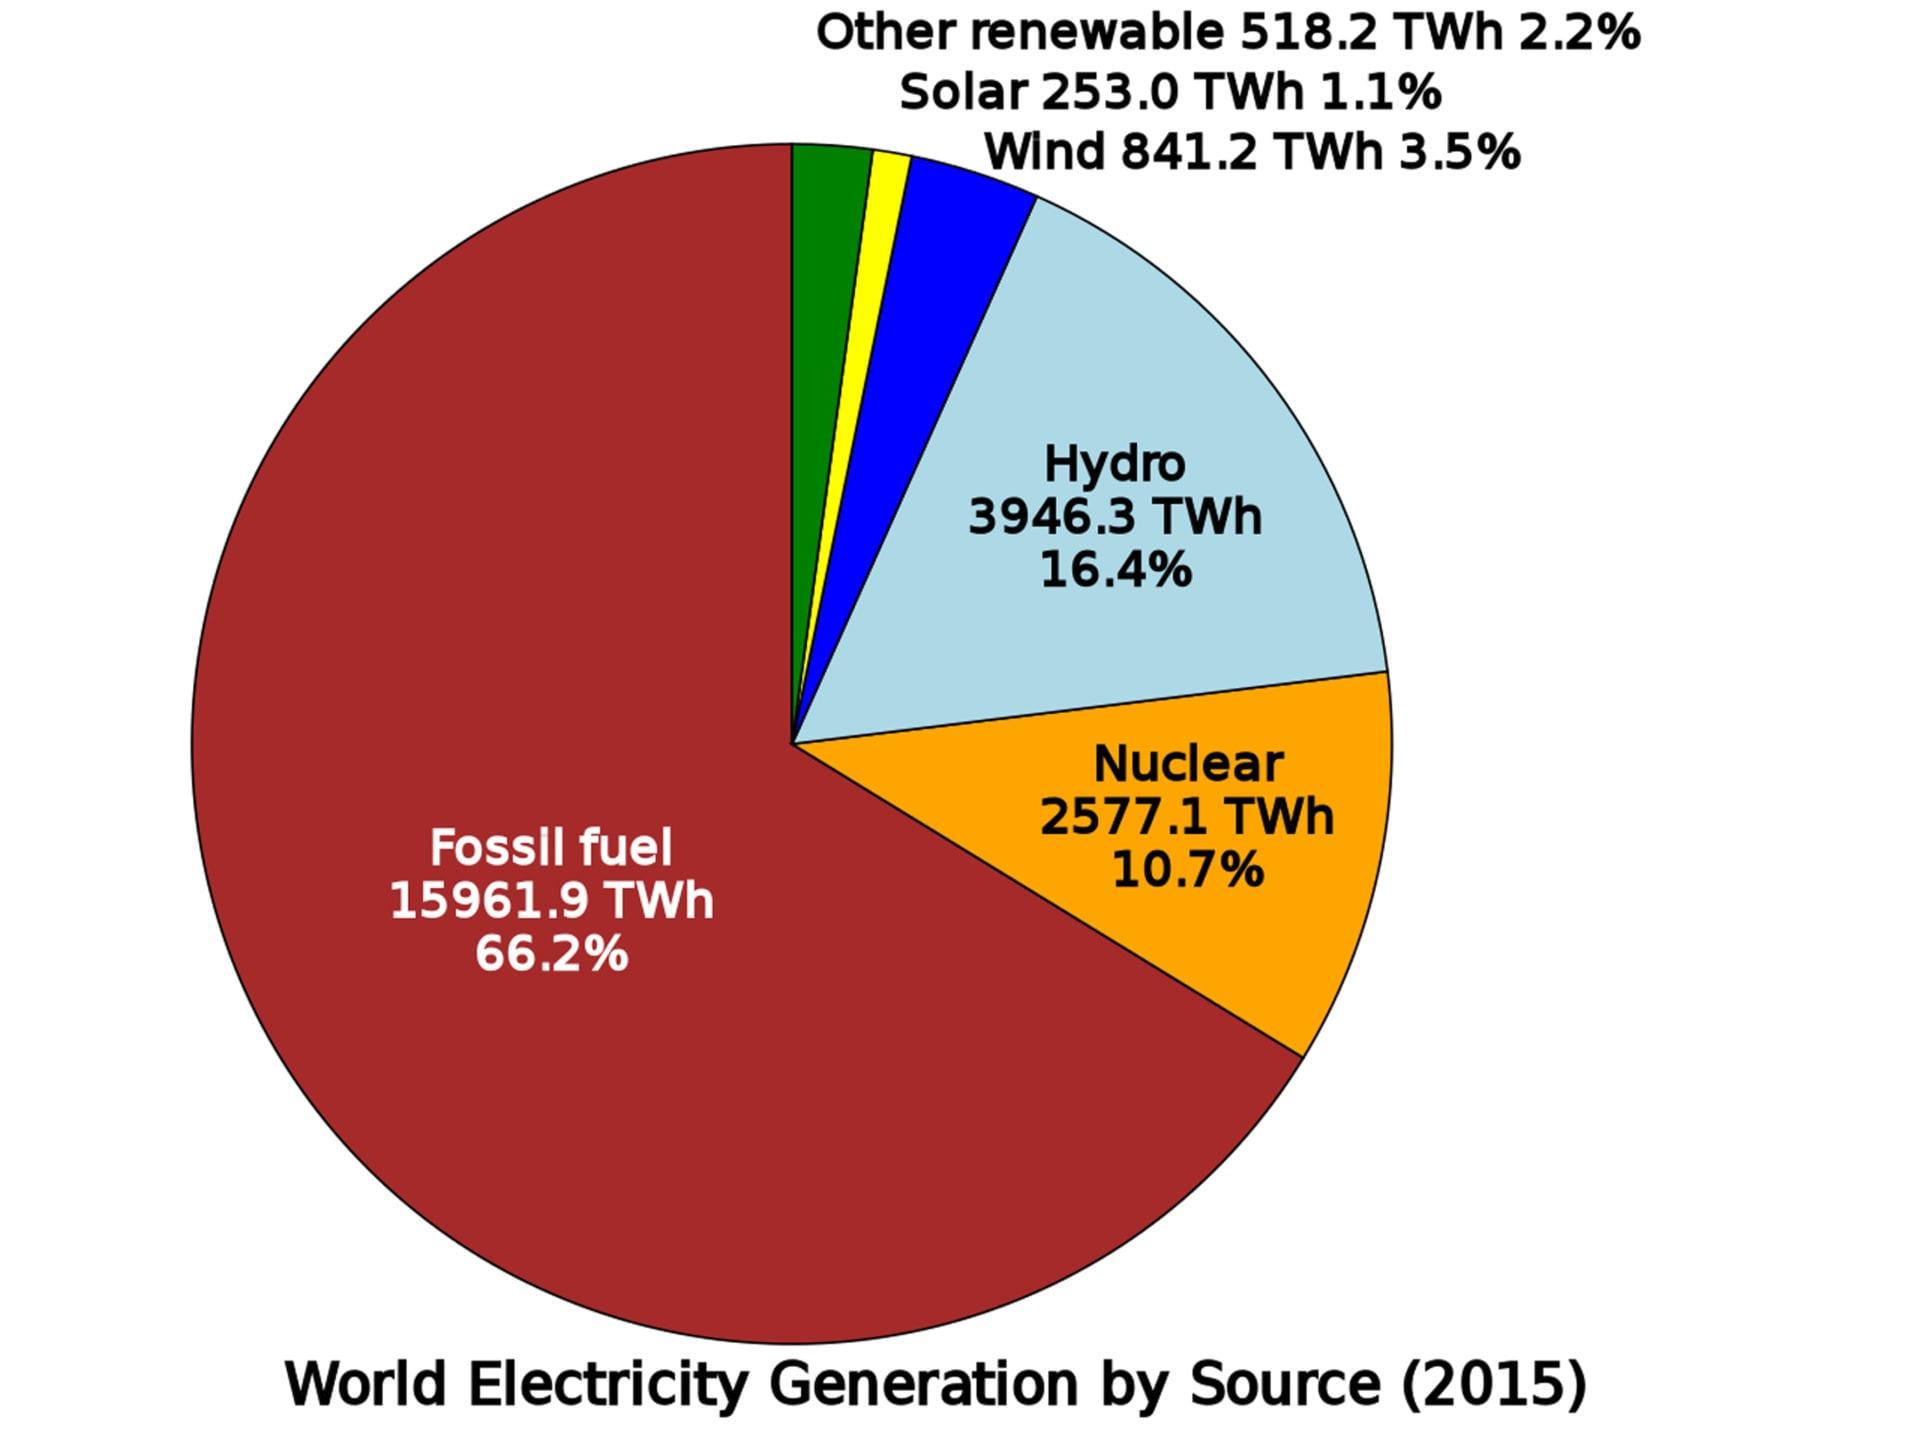 Năng lượng hóa học, năng lượng điện, và năng lượng hạt nhân là gì? - 3